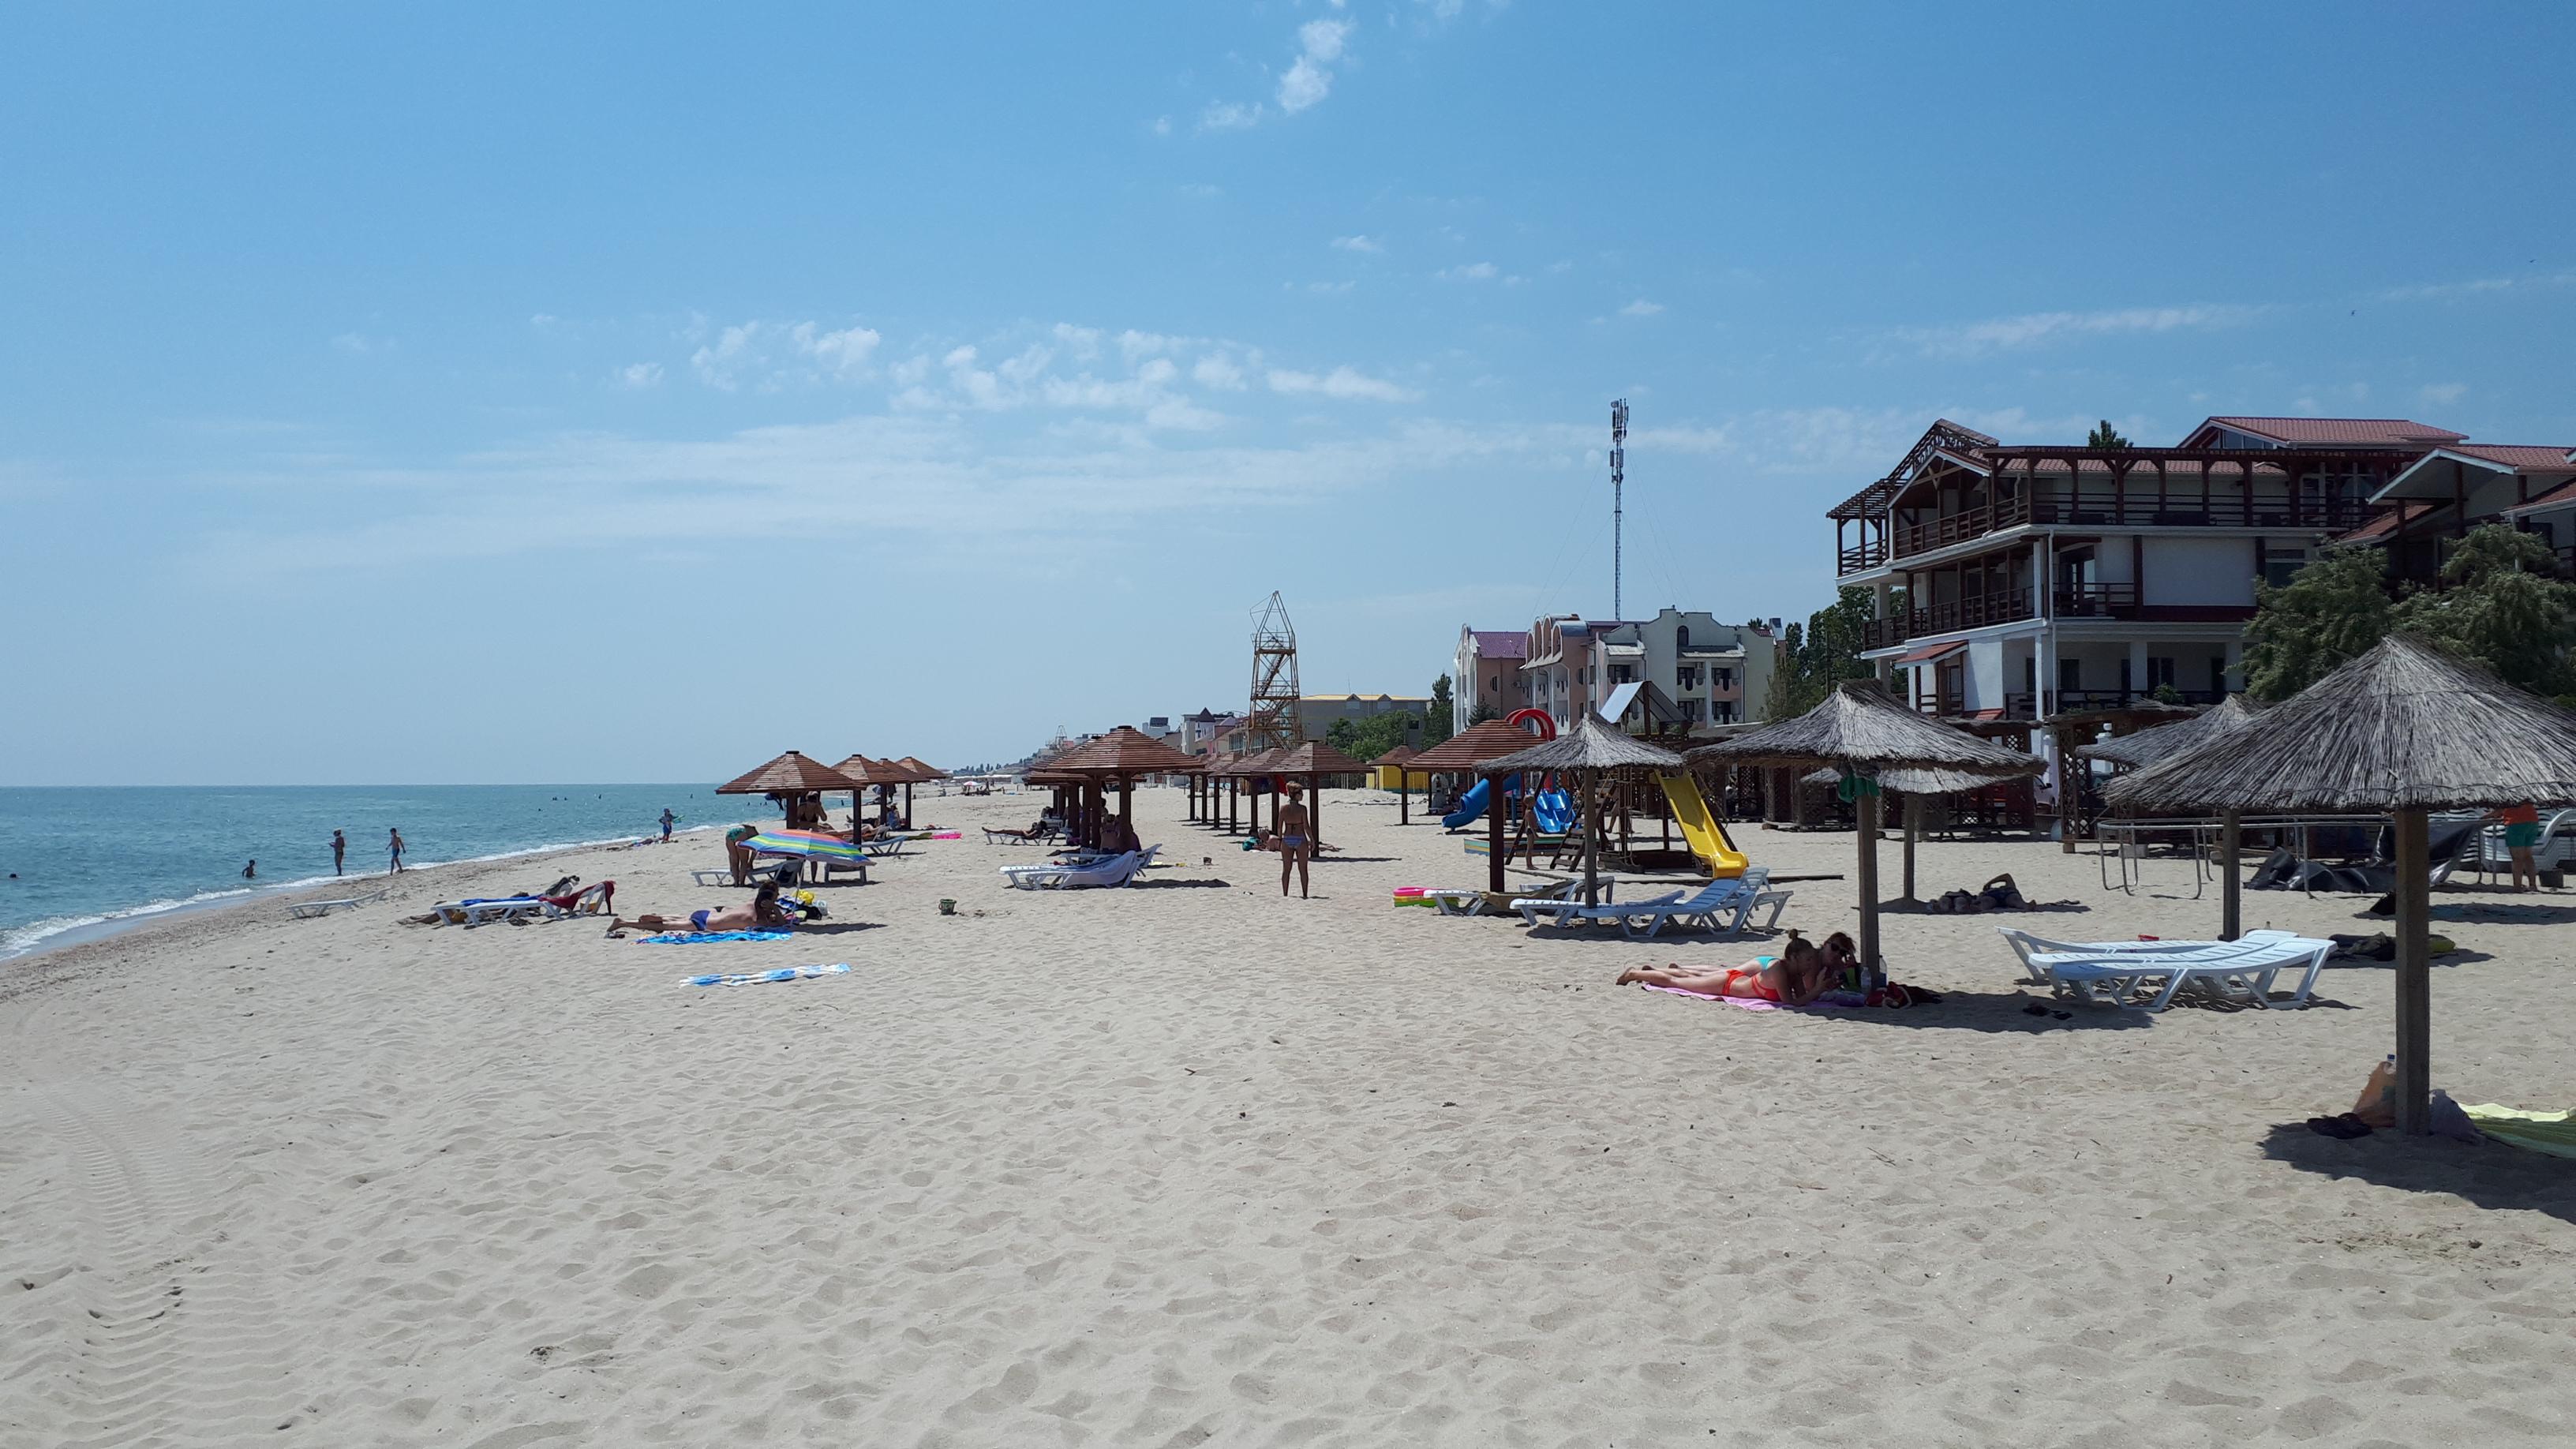 Затока центральный пляж вид вдоль моря фото